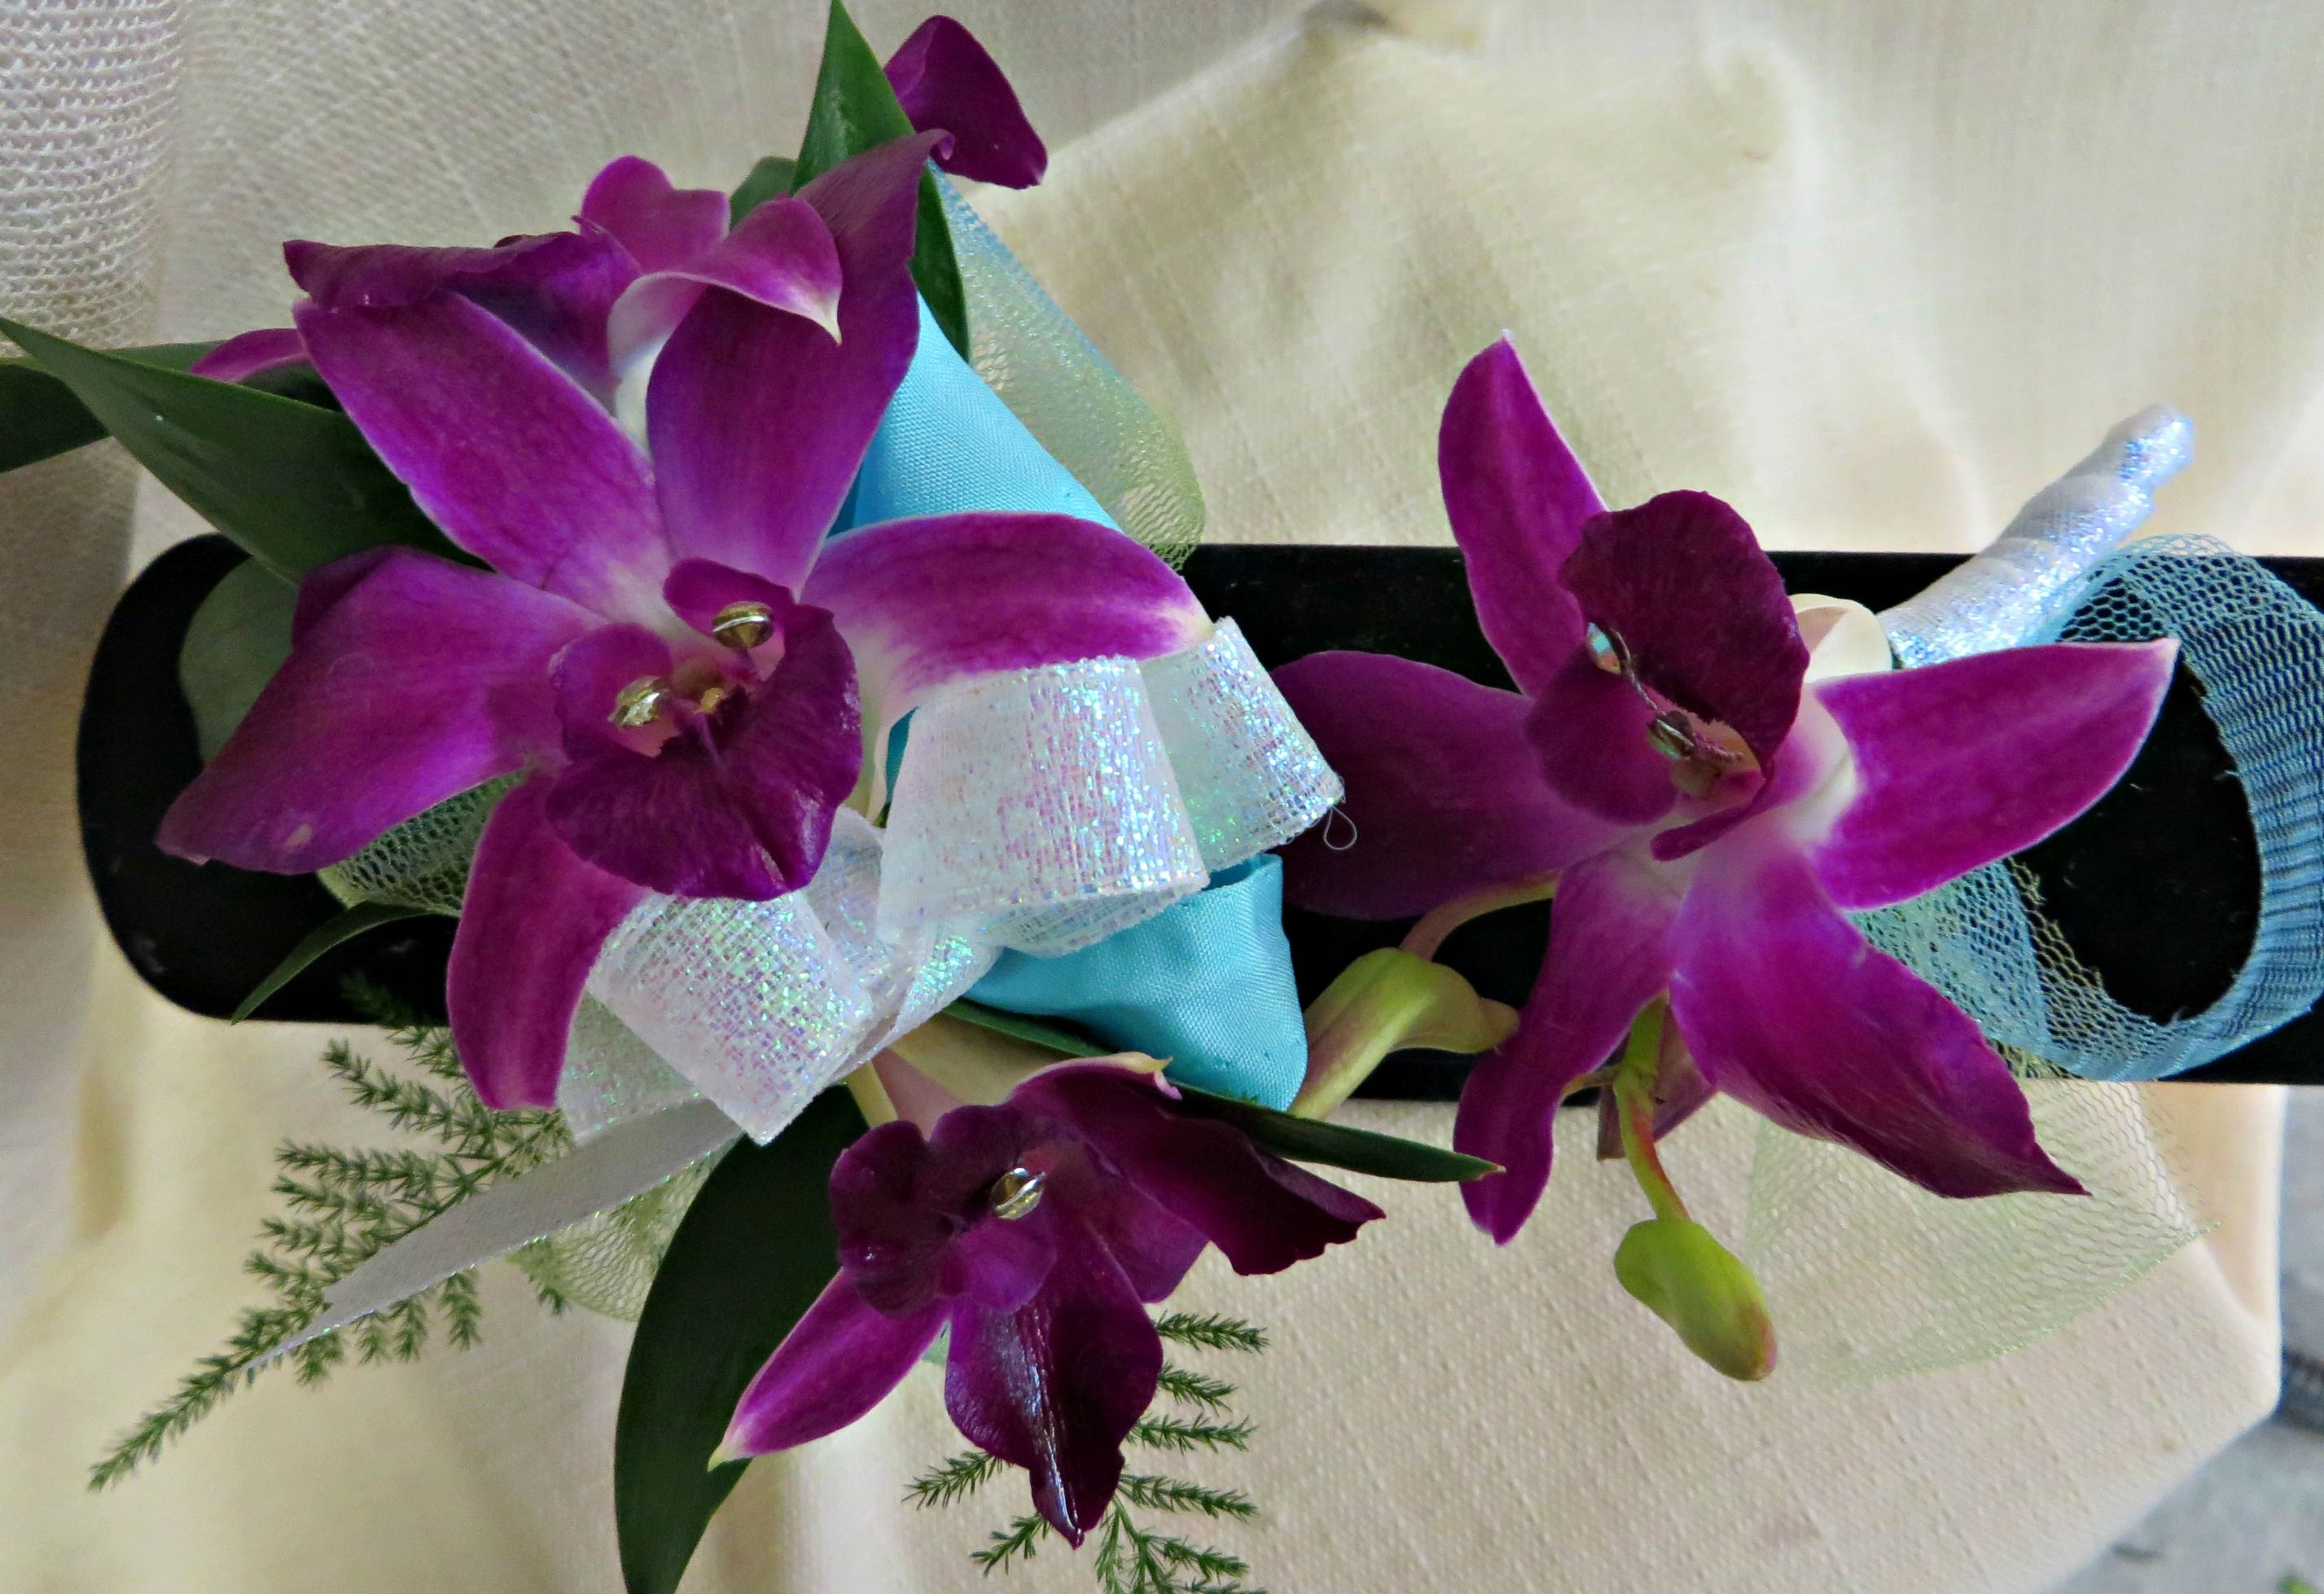 Dendrobium orchid corsage corsages pinterest orchid corsages